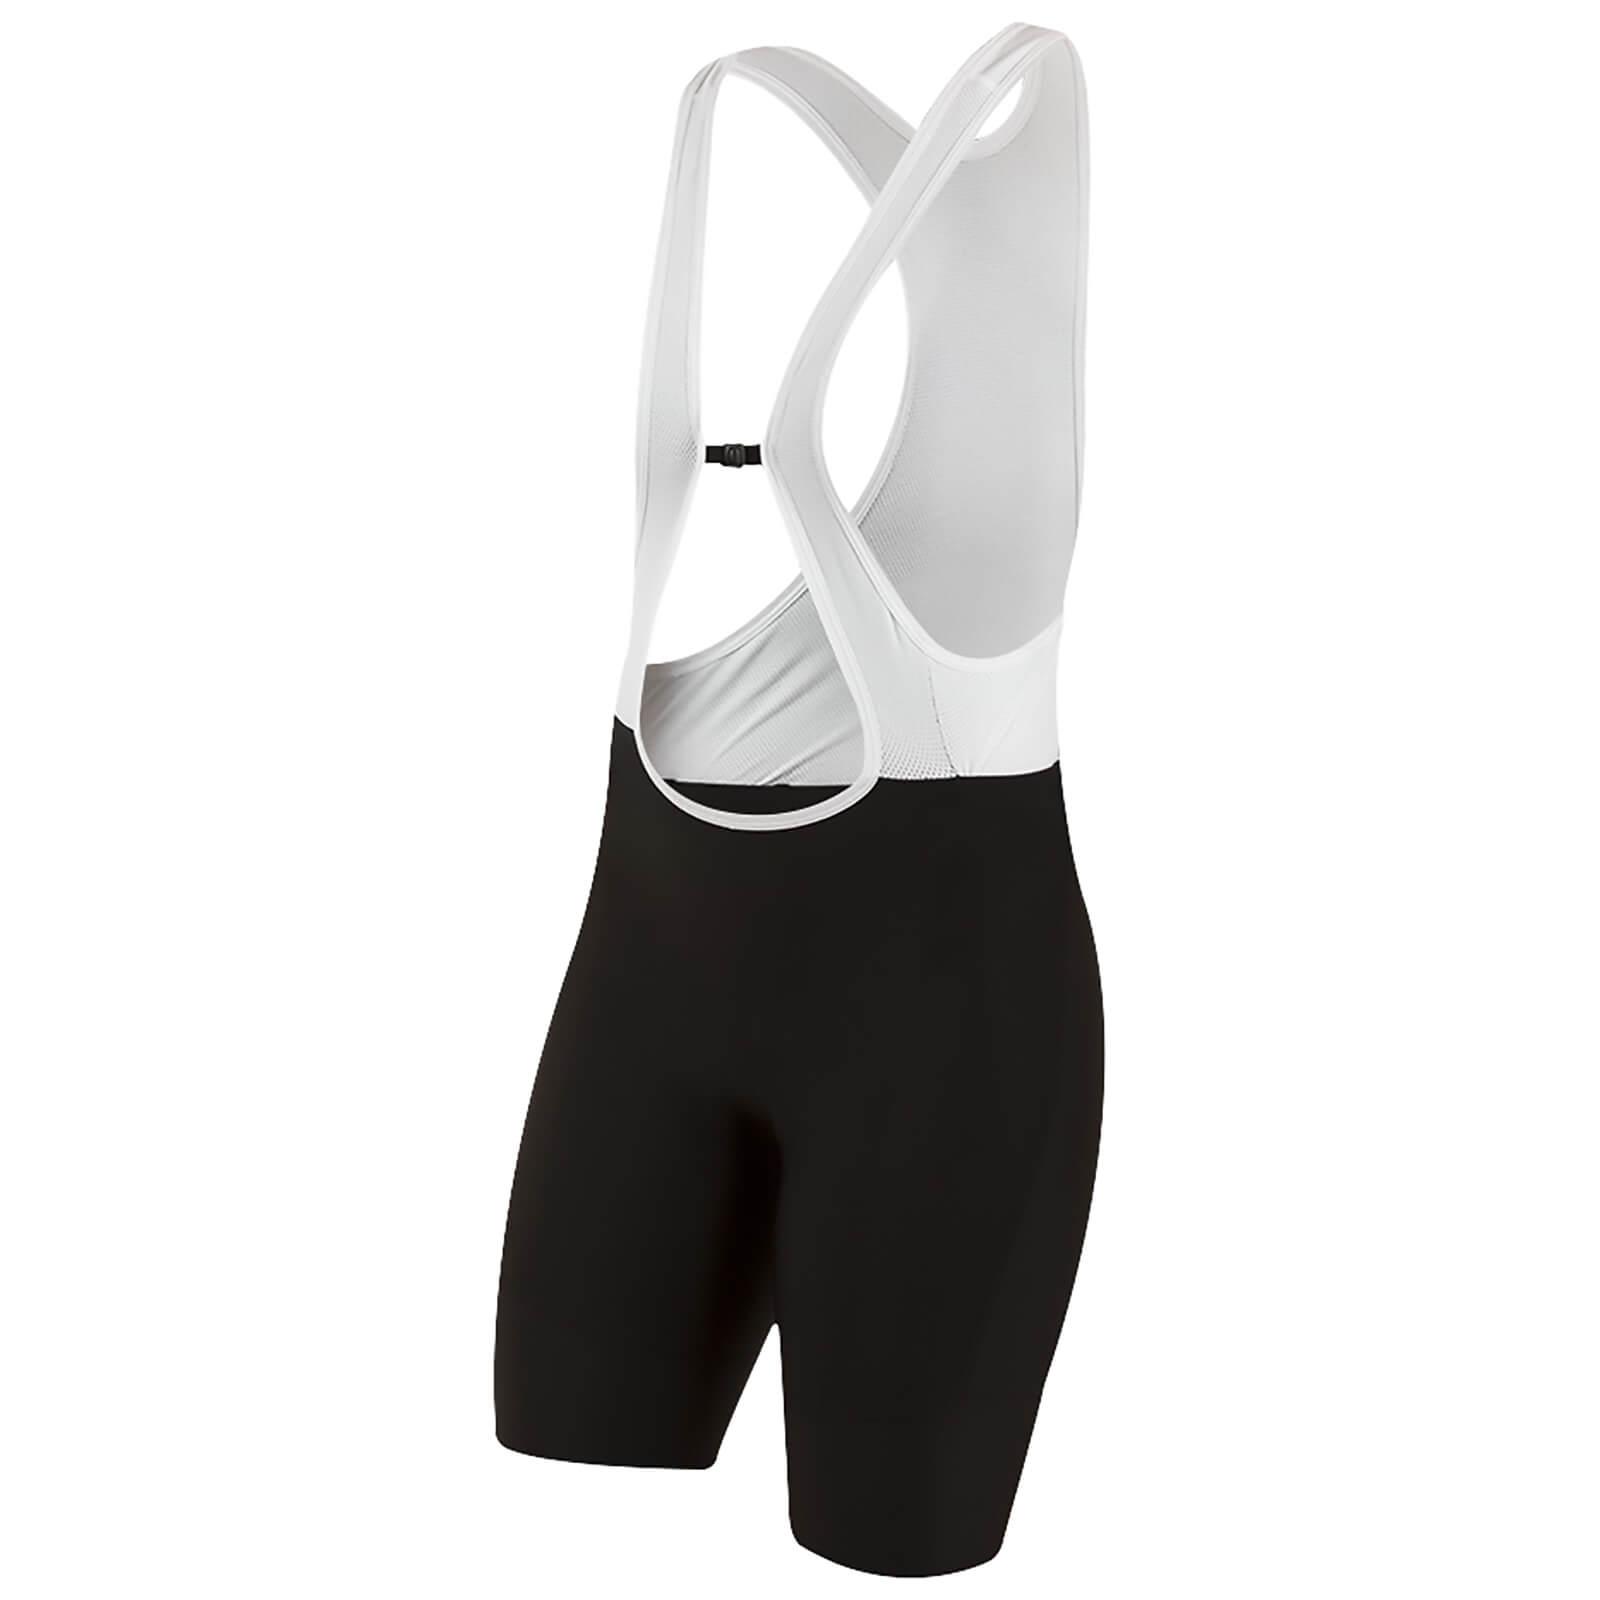 Pearl Izumi Women's Attack Bib Shorts - XL - Black